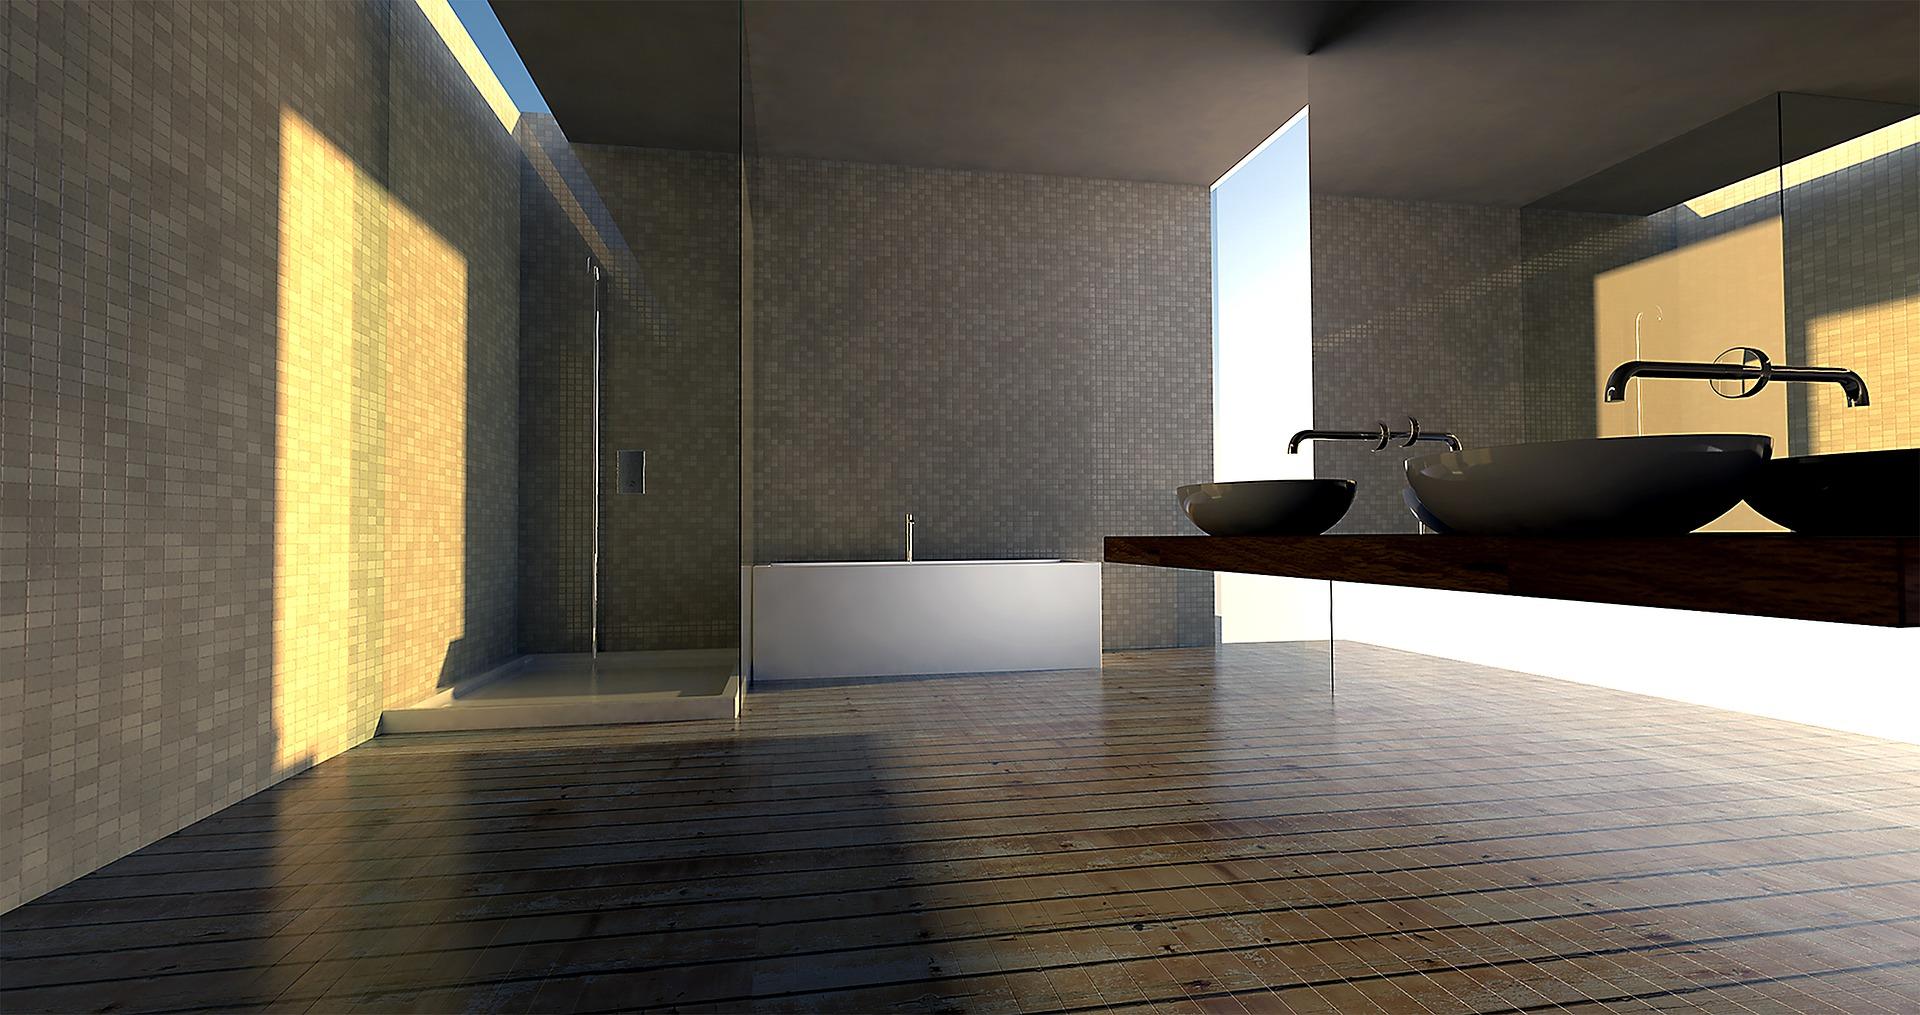 Badkamer Feng Shui : Hoe richt u de badkamer feng shui in woningfacts